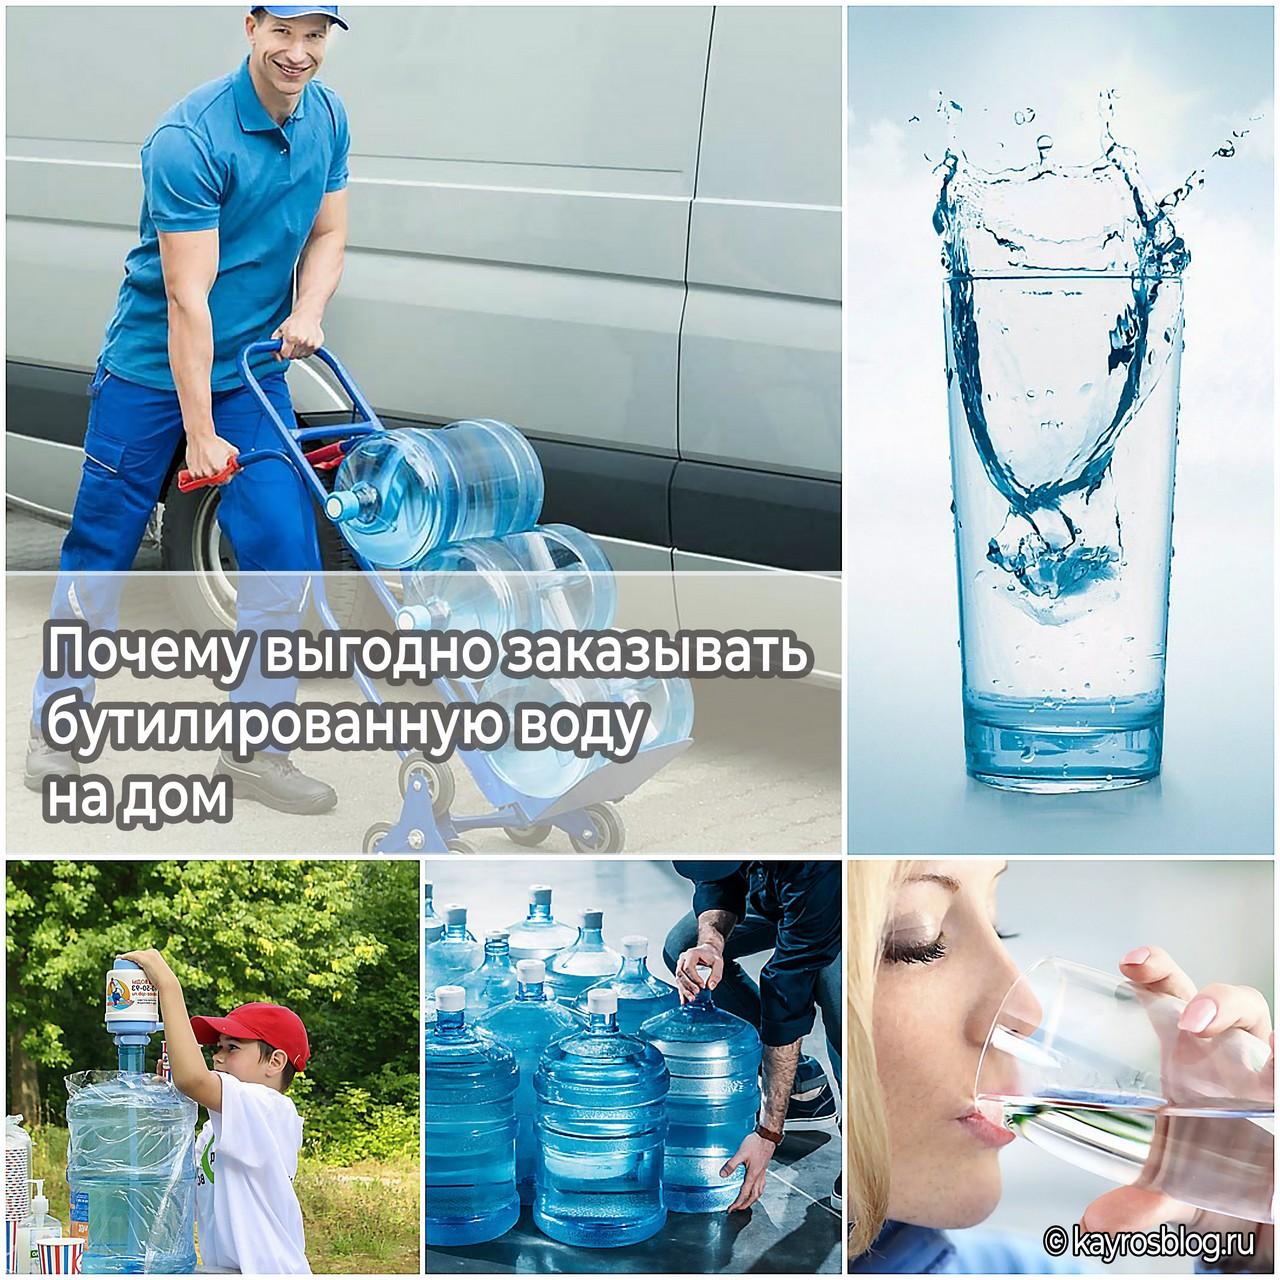 Почему выгодно заказывать бутилированную воду на дом